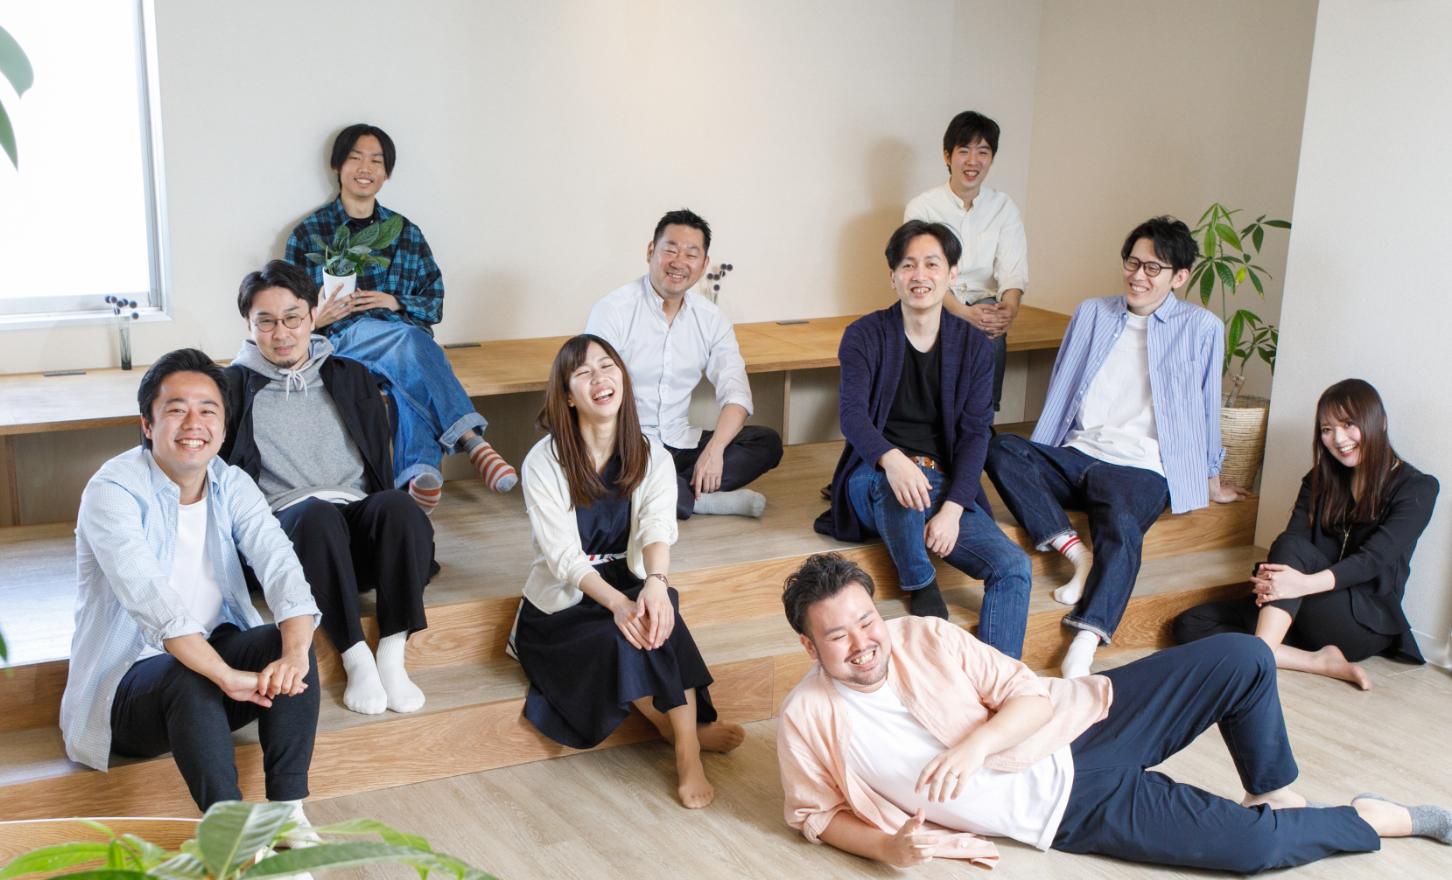 【自社サービス開発エンジニア】日本最大級の住まいの口コミサイト◆取締役CTO直下で活躍